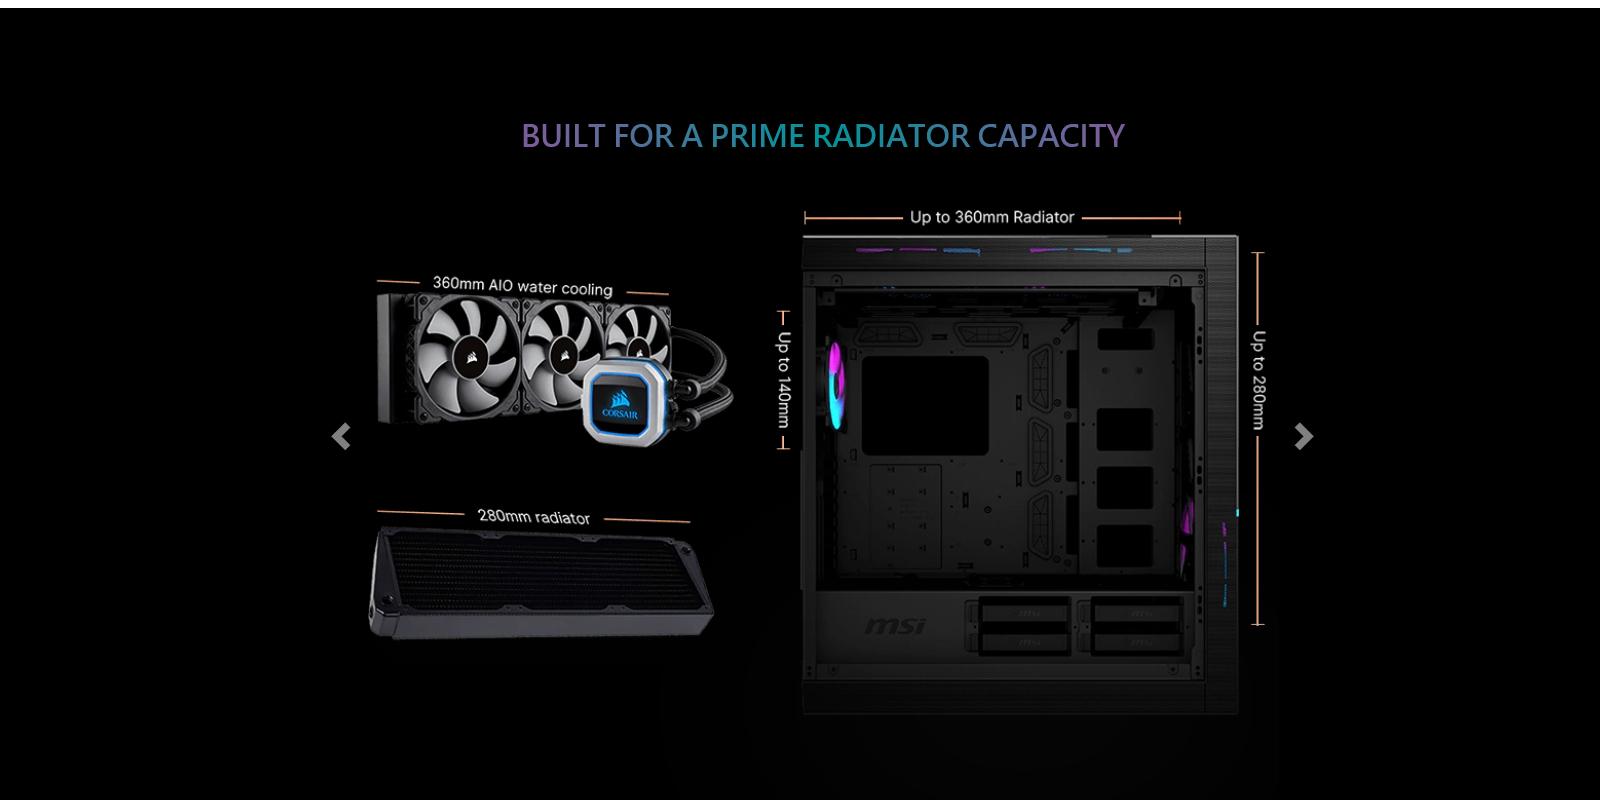 Vỏ Case MSI MPG SEKIRA 500X với không gian lắp đặt Radiator cho tản nhiệt nước vô cùng đa dạng.